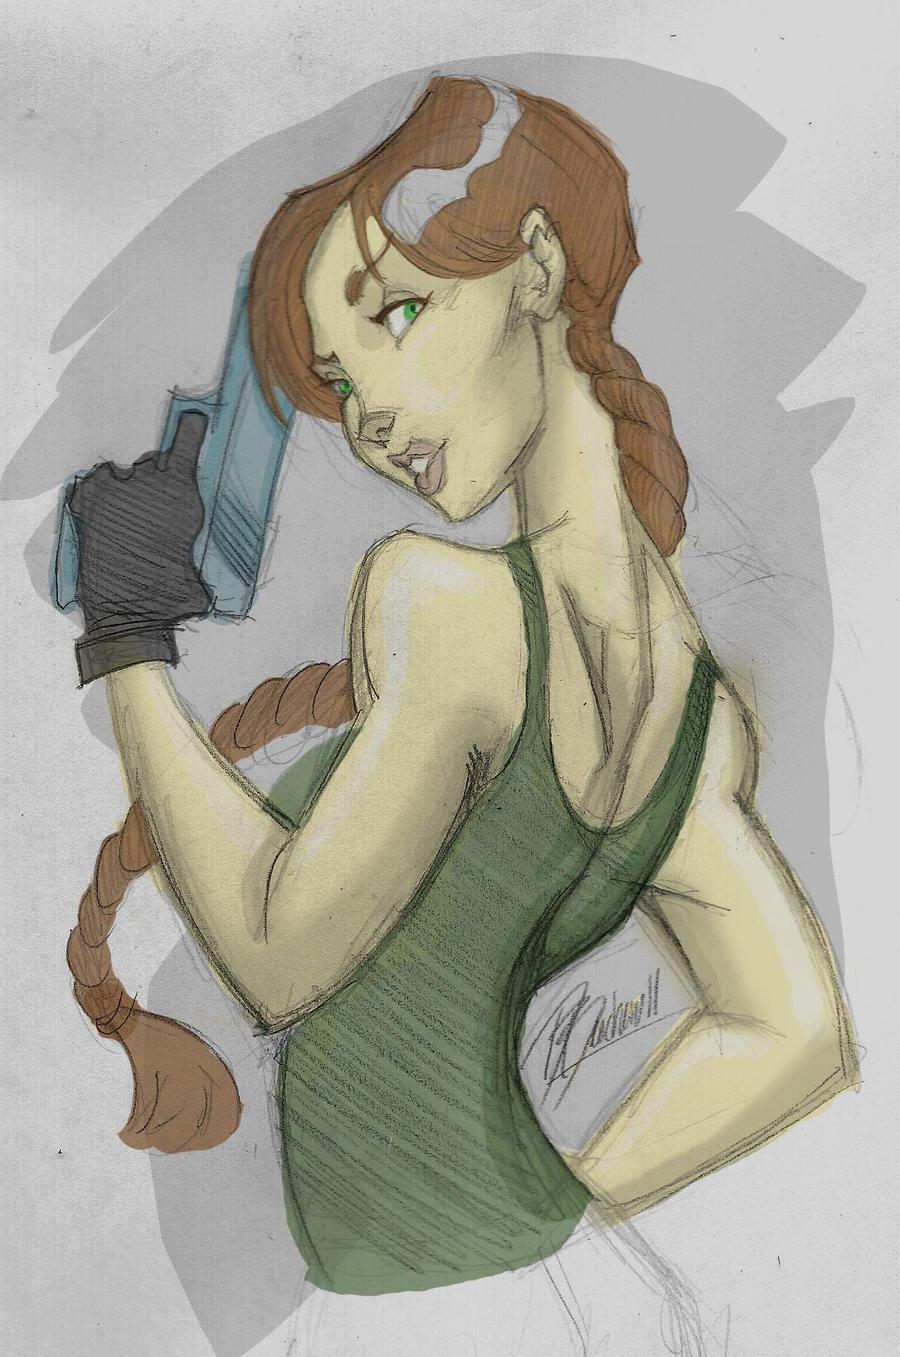 Lara Croft by DaveJorel